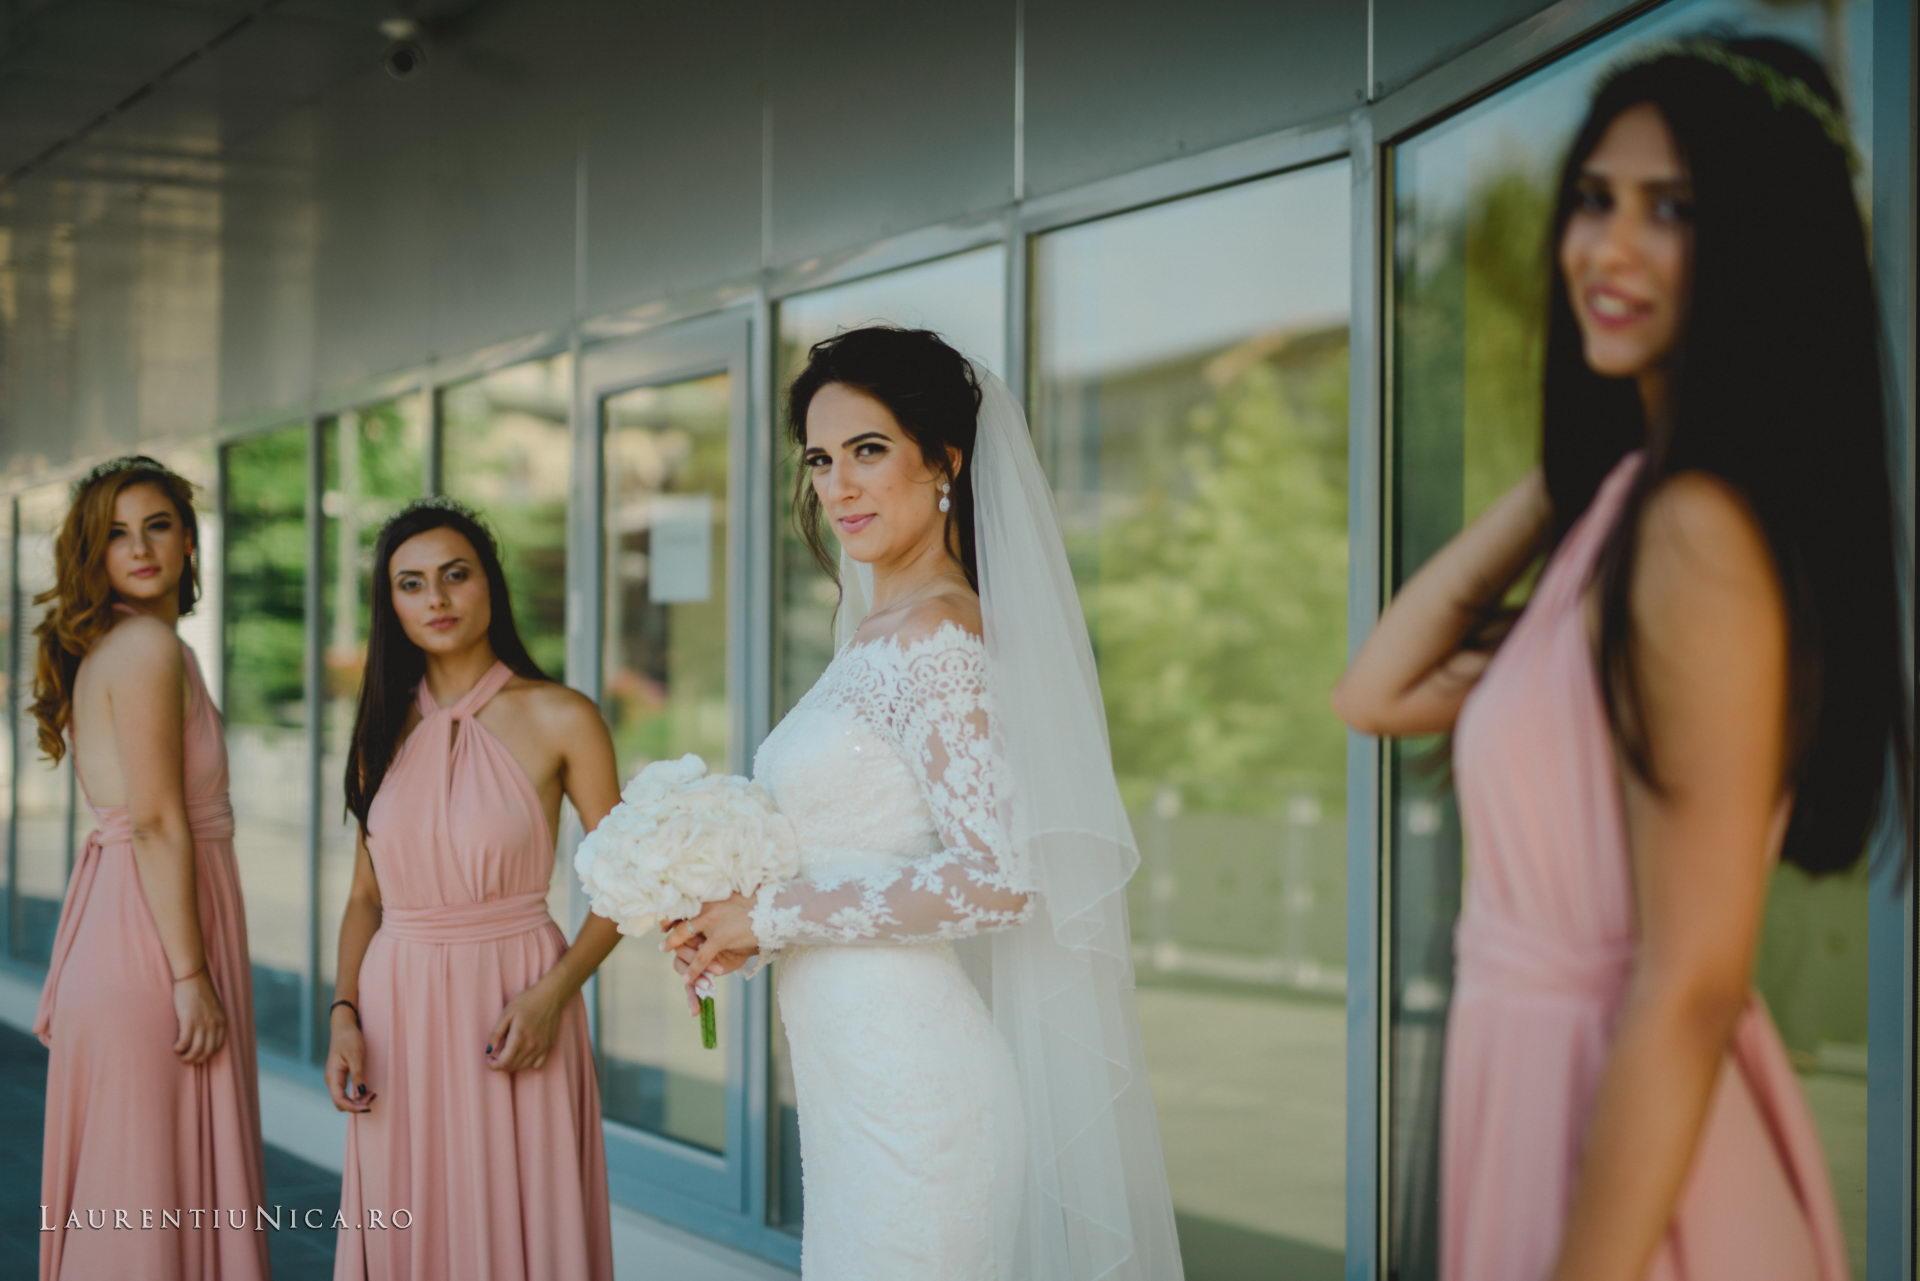 Cristina si Ovidiu nunta Craiova fotograf laurentiu nica 097 - Cristina & Ovidiu | Fotografii nunta | Craiova